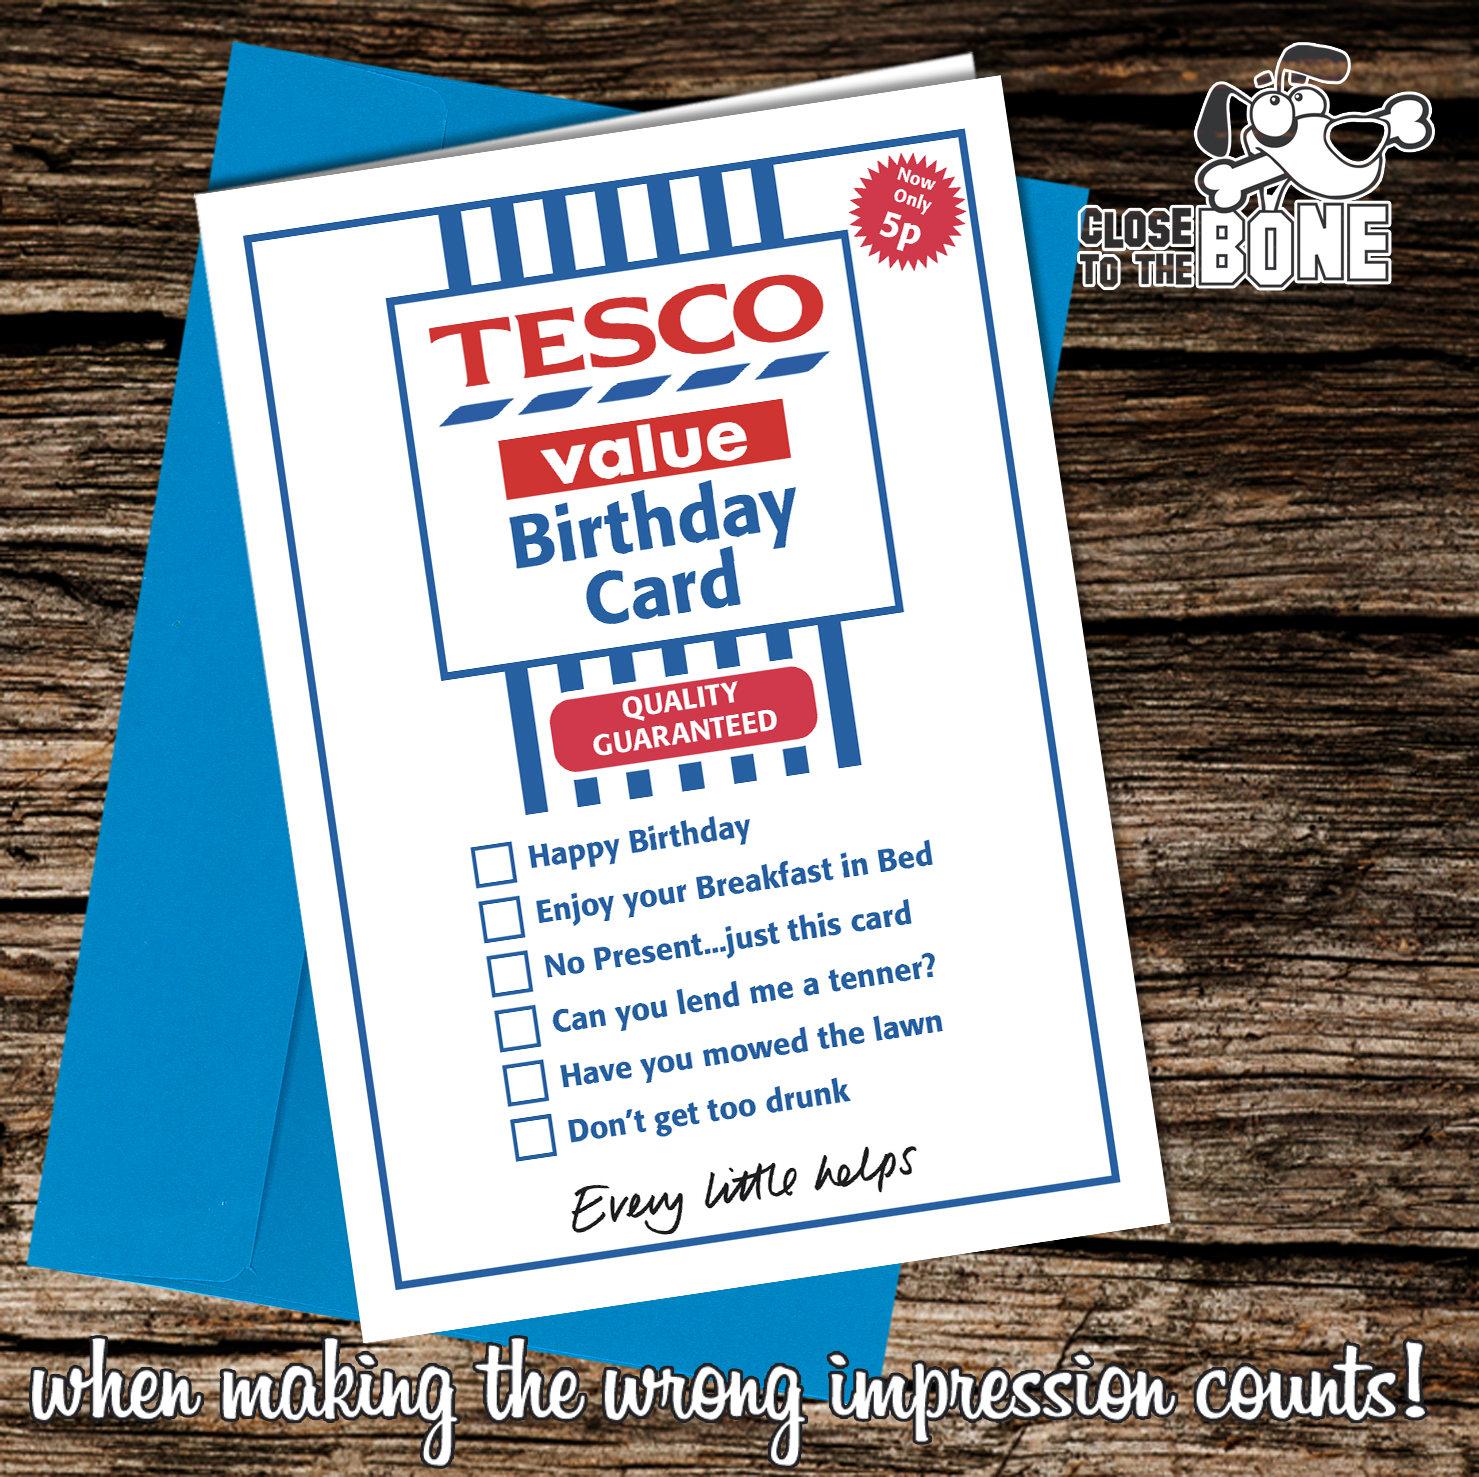 No246 Tesco Value BIRTHDAY DAY Card funny humour joke novelty